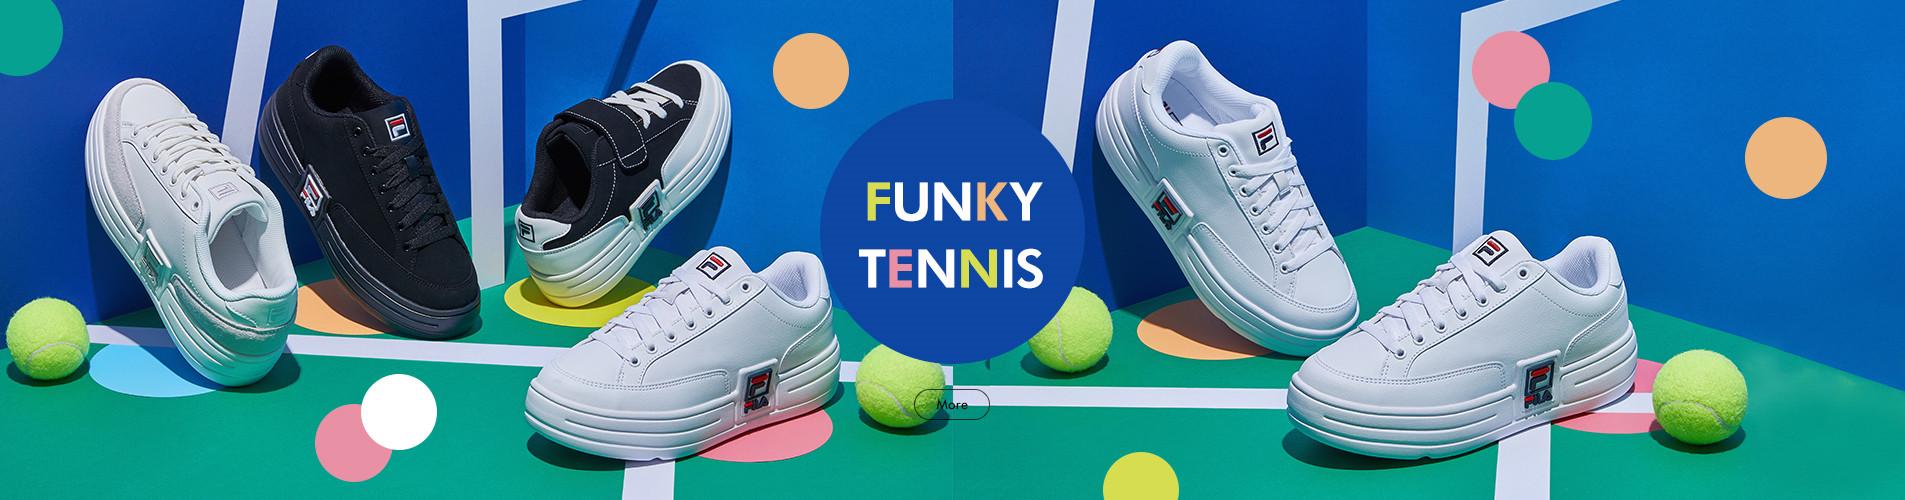 FUNKY TENNIS